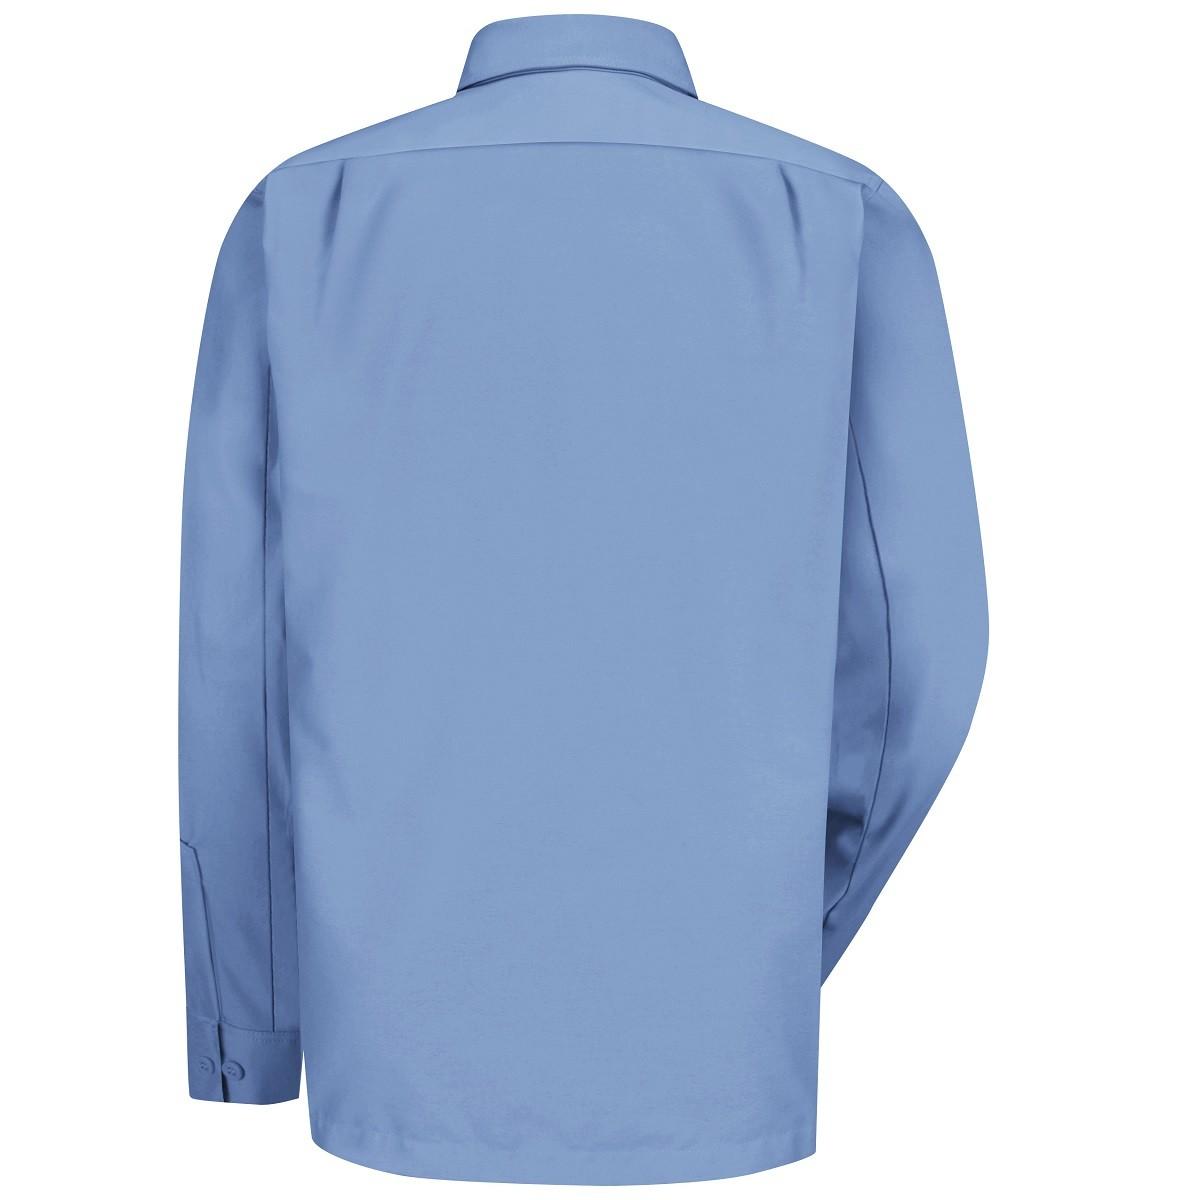 Wrangler Ws10 Men 39 S Long Sleeve Work Shirt Light Blue